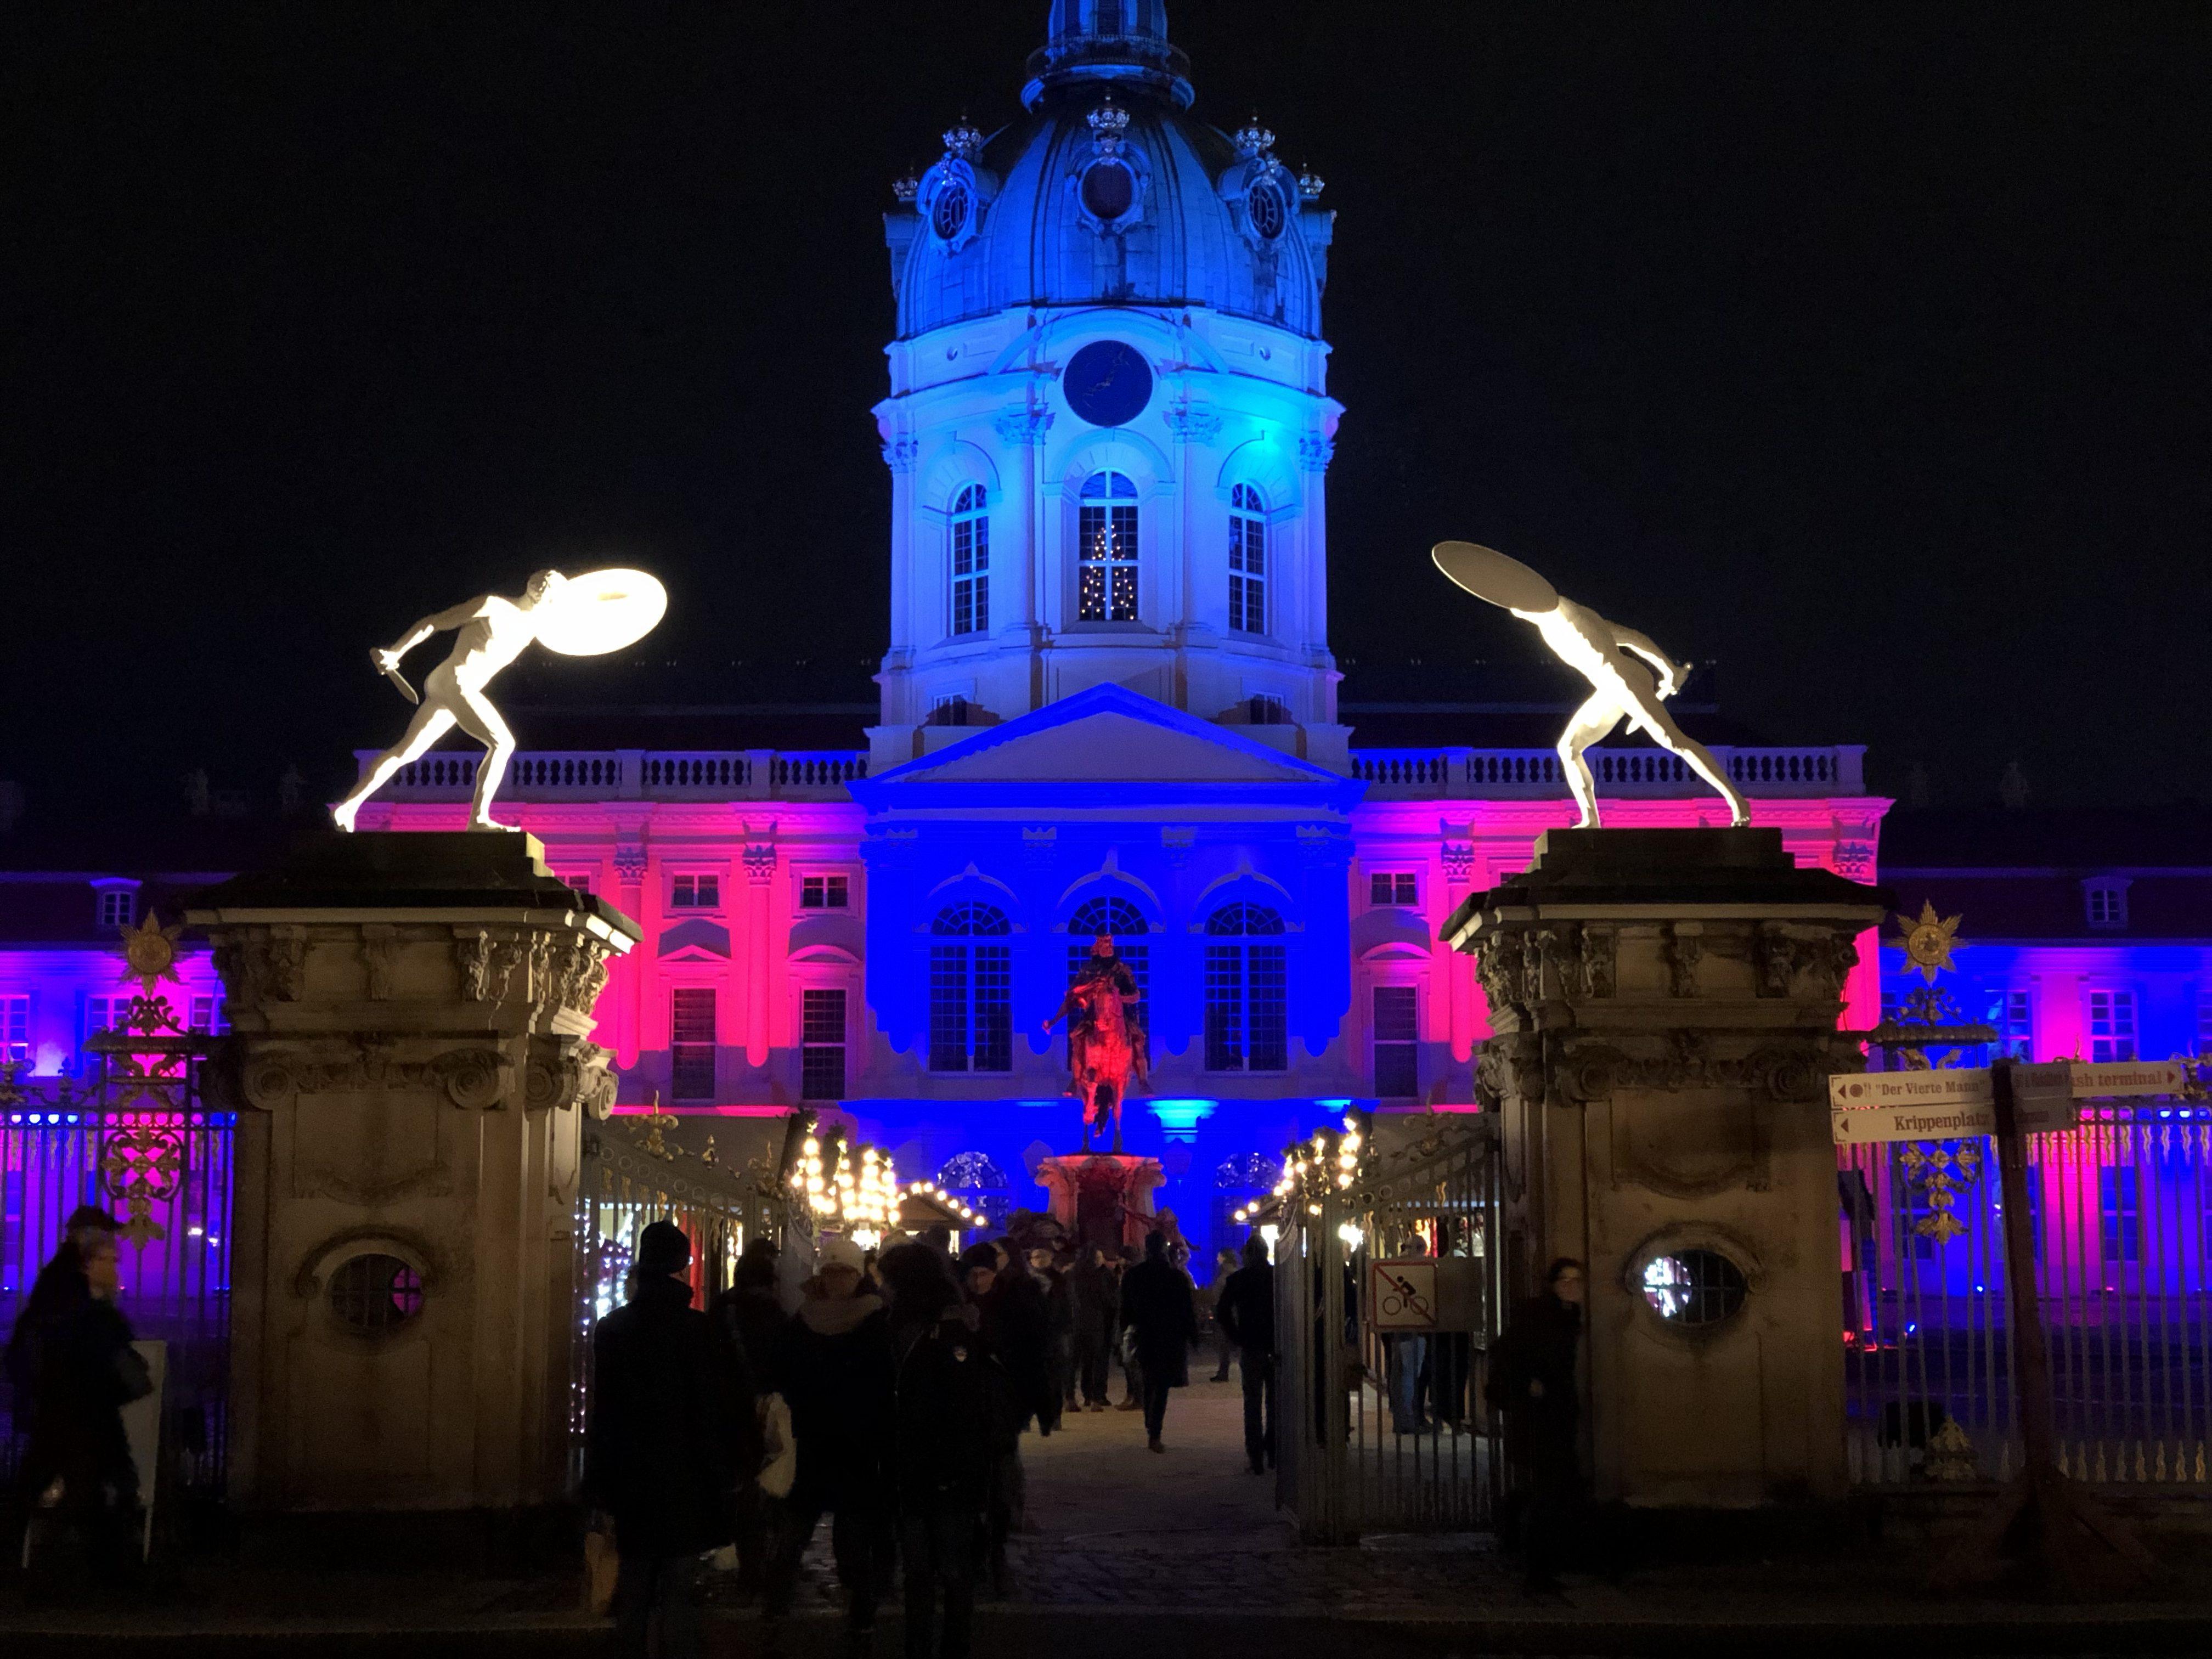 Weihnachtsmarkt Charlottenburg.Weihnachtsmarkt Vor Dem Schloss Charlottenburg Uarrr Org